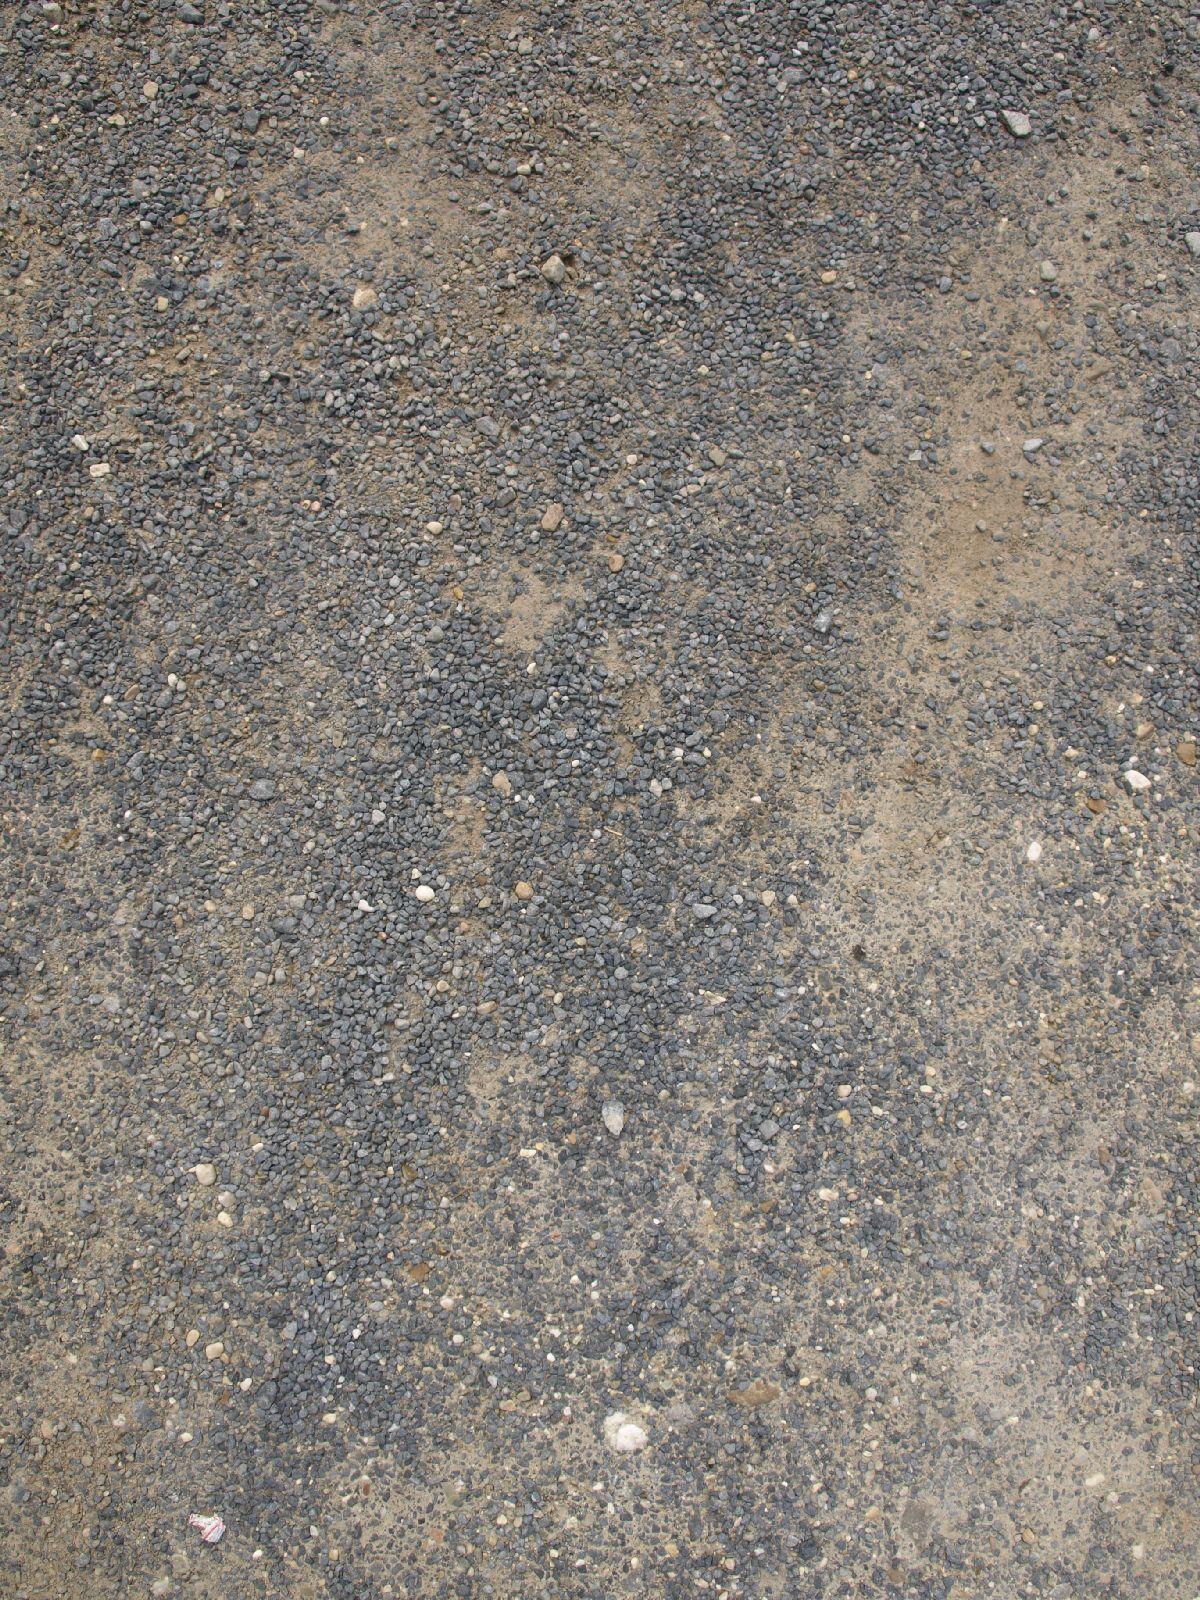 Boden-Erde-Steine_Textur_A_P4261849